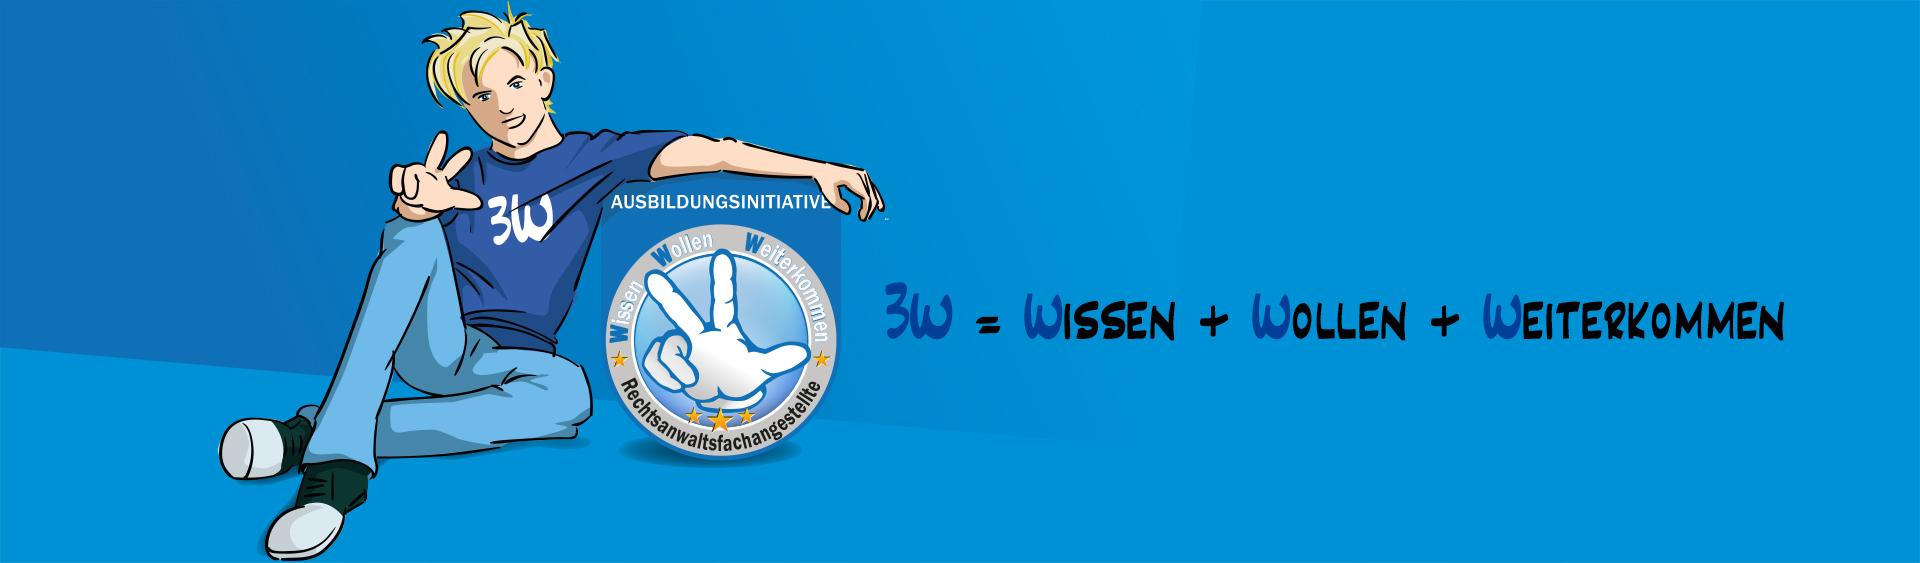 Ausbildungsinitiative: 3W = Wissen + Wollen + Weiterkommen